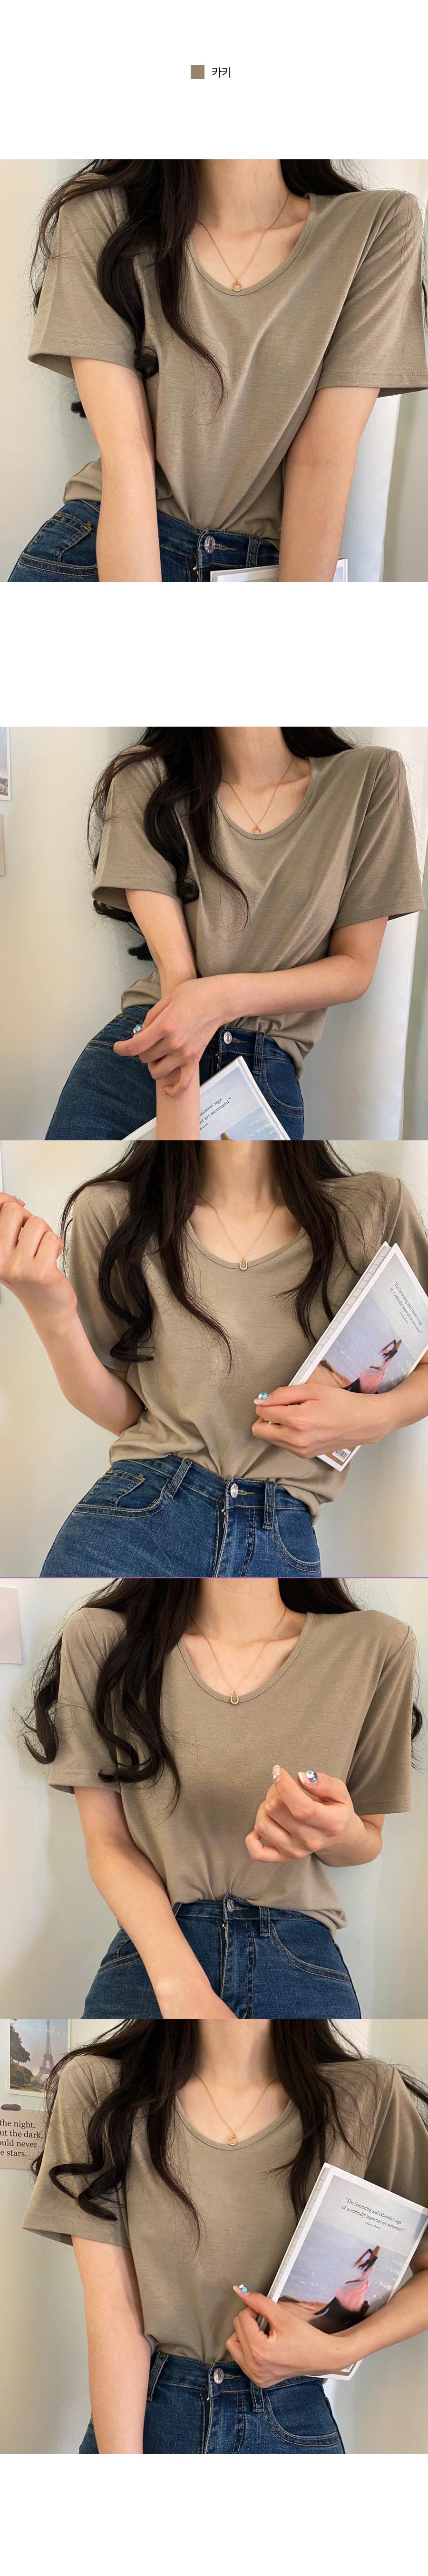 High-quality 12-color V-neck short-sleeved T-shirt